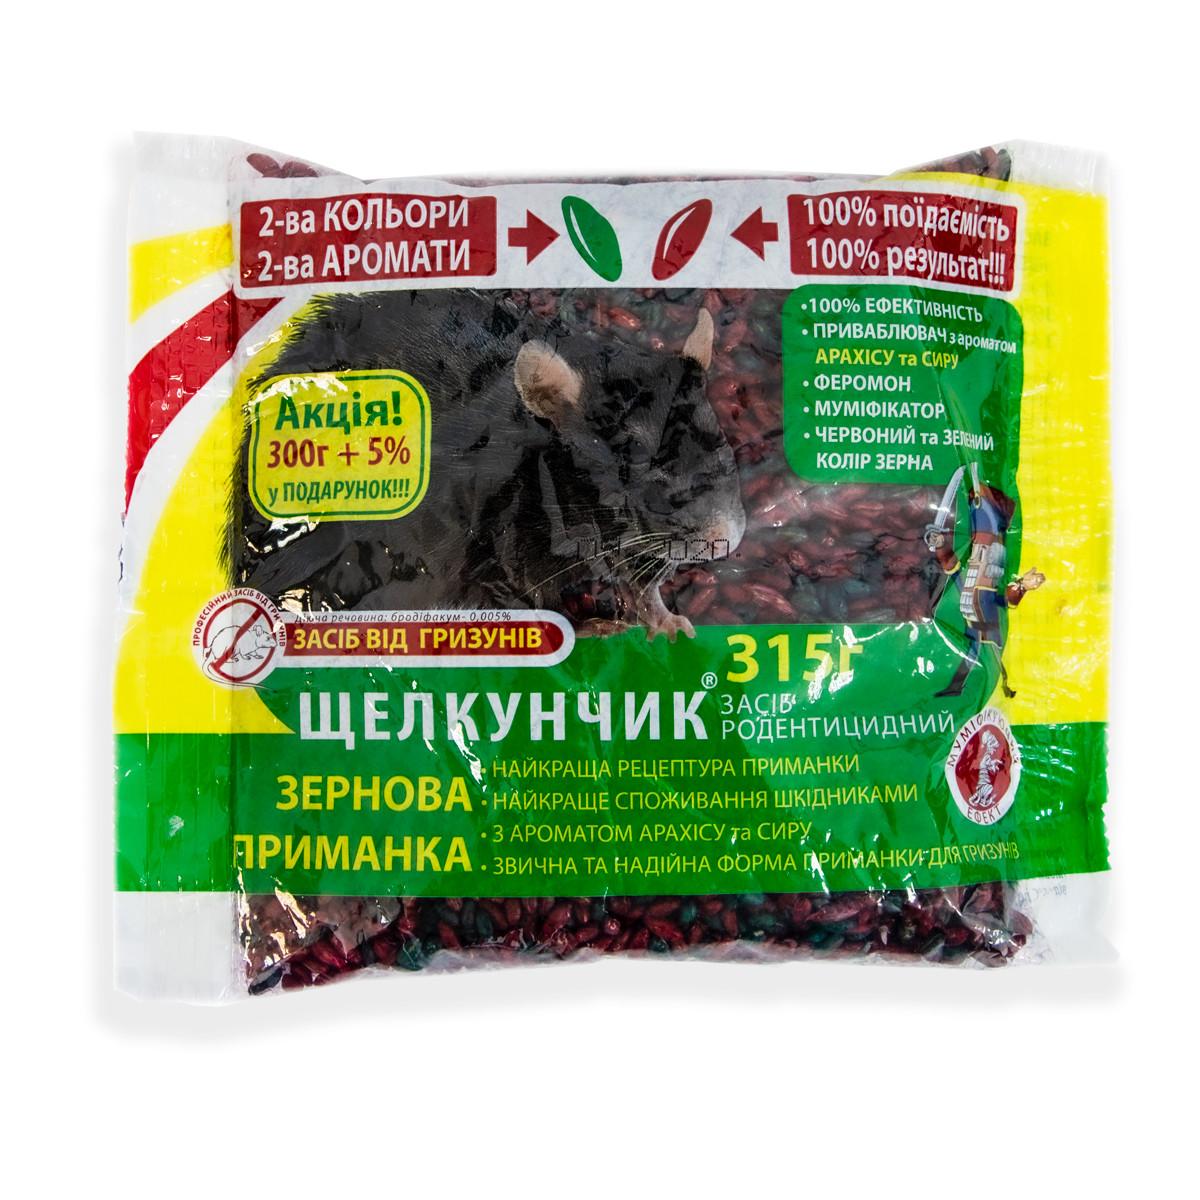 """Родентицид """"Щелкунчик зерновая приманка"""", отрава для мышей и крыс, средство от грызунов, отрута для мишей (GK)"""